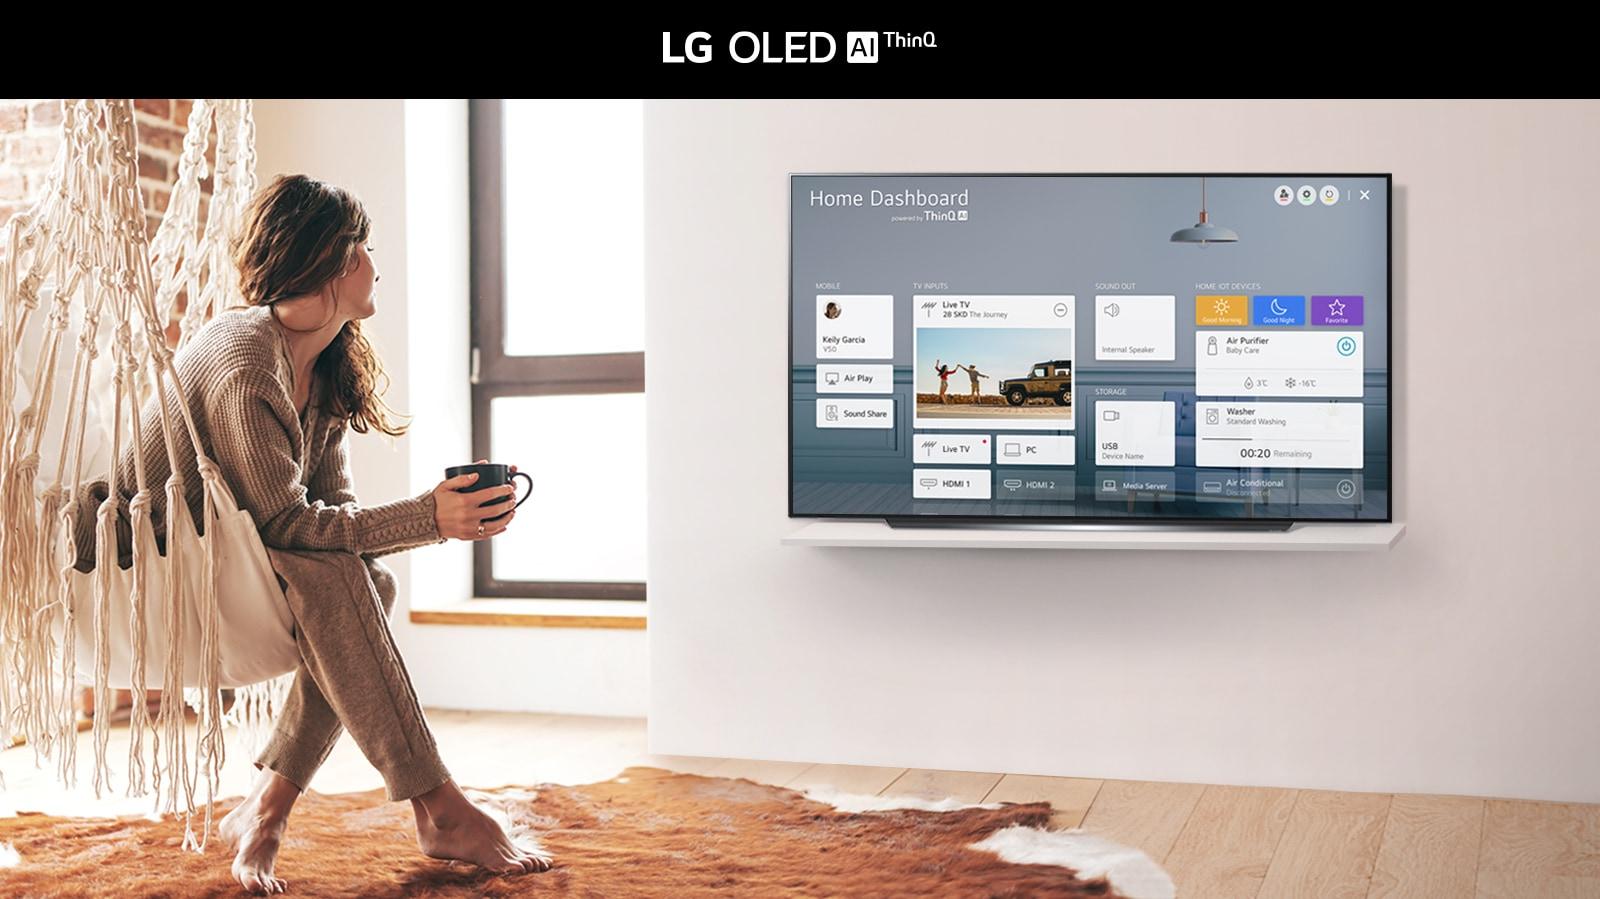 Мать и дочь сидят на диване в гостиной перед телевизором, на котором показана панель управления бытовой техникой.